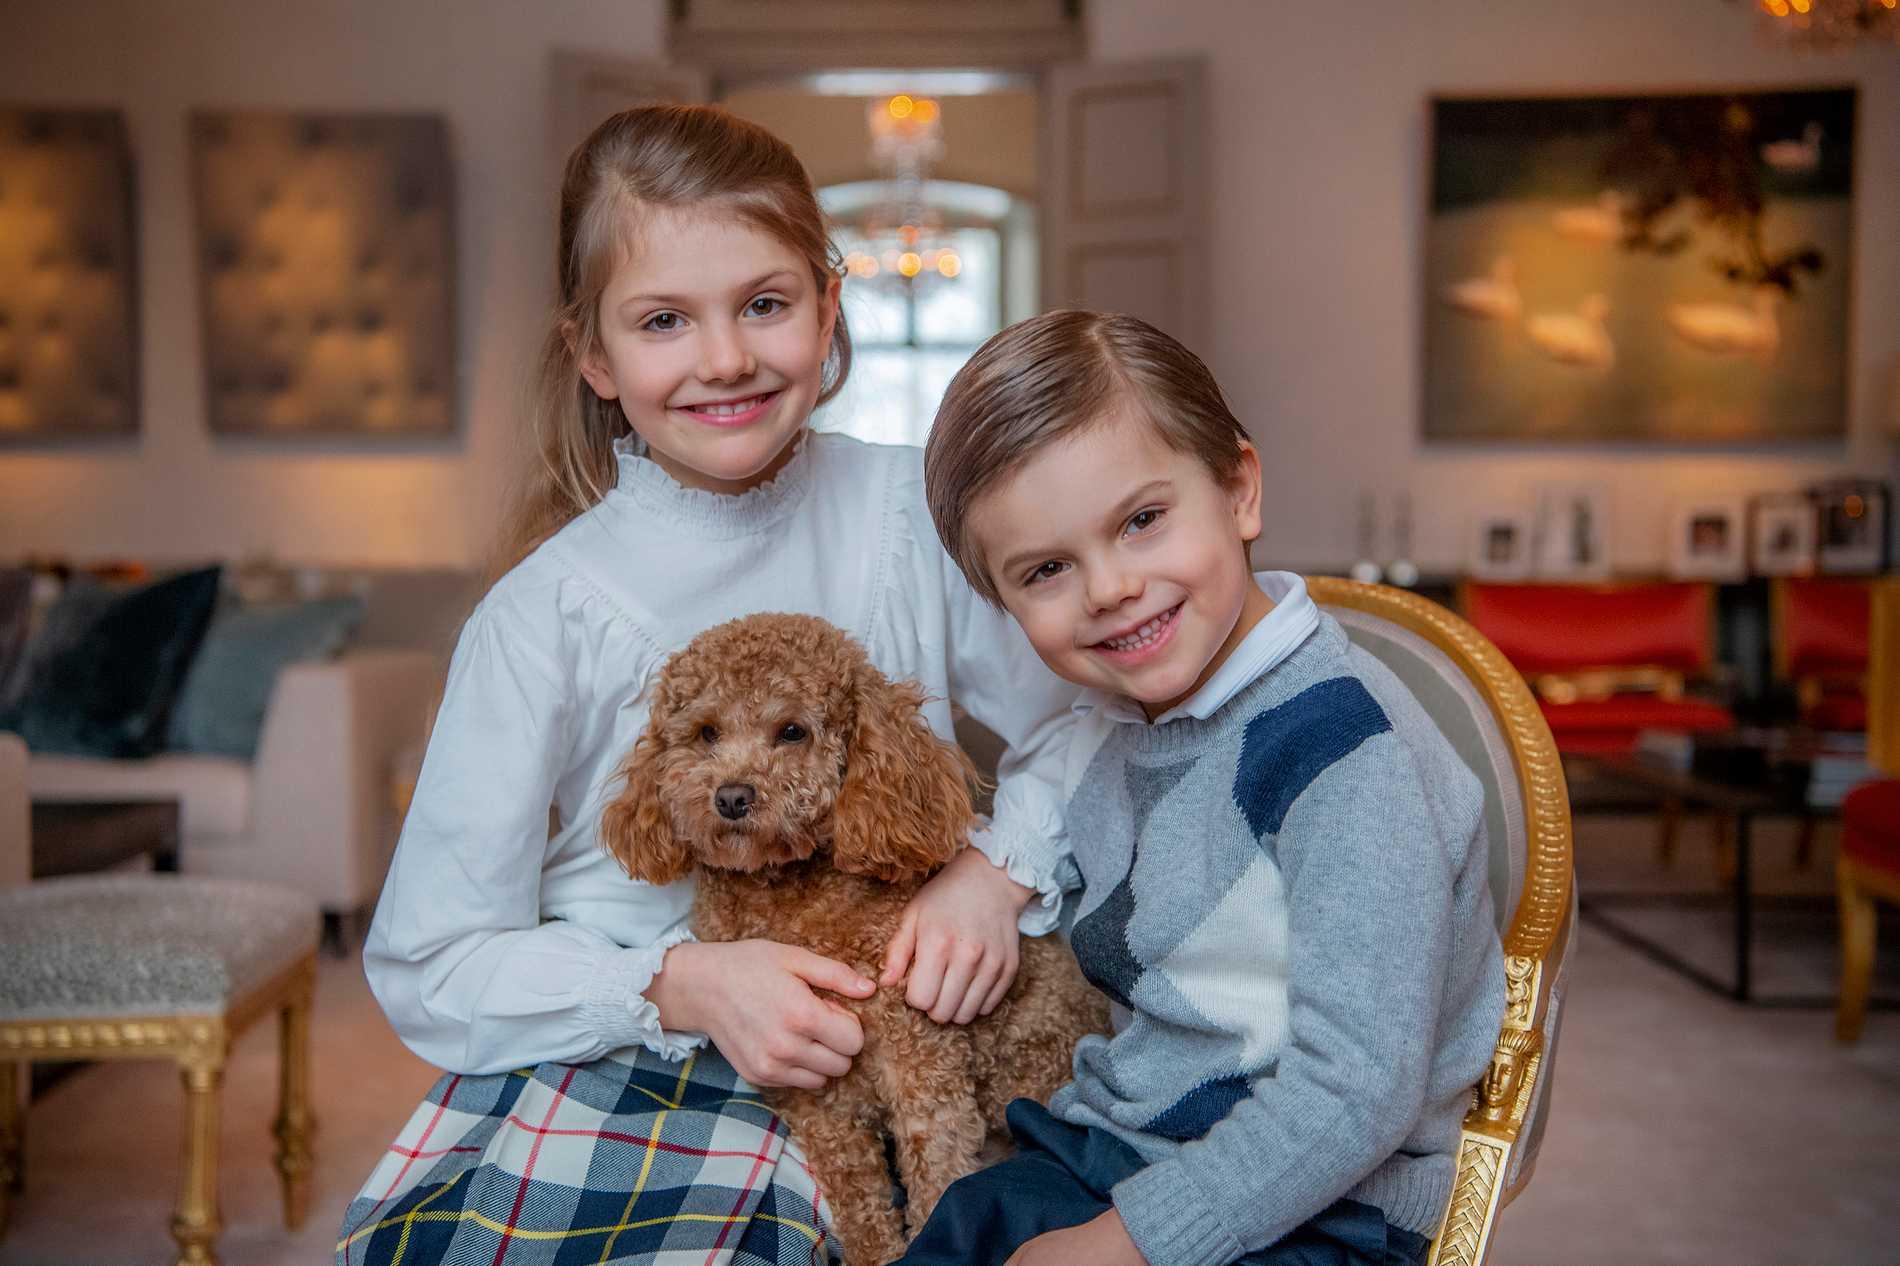 Prinsessan Estelle och prins Oscar uppges vara friska och mår bra.